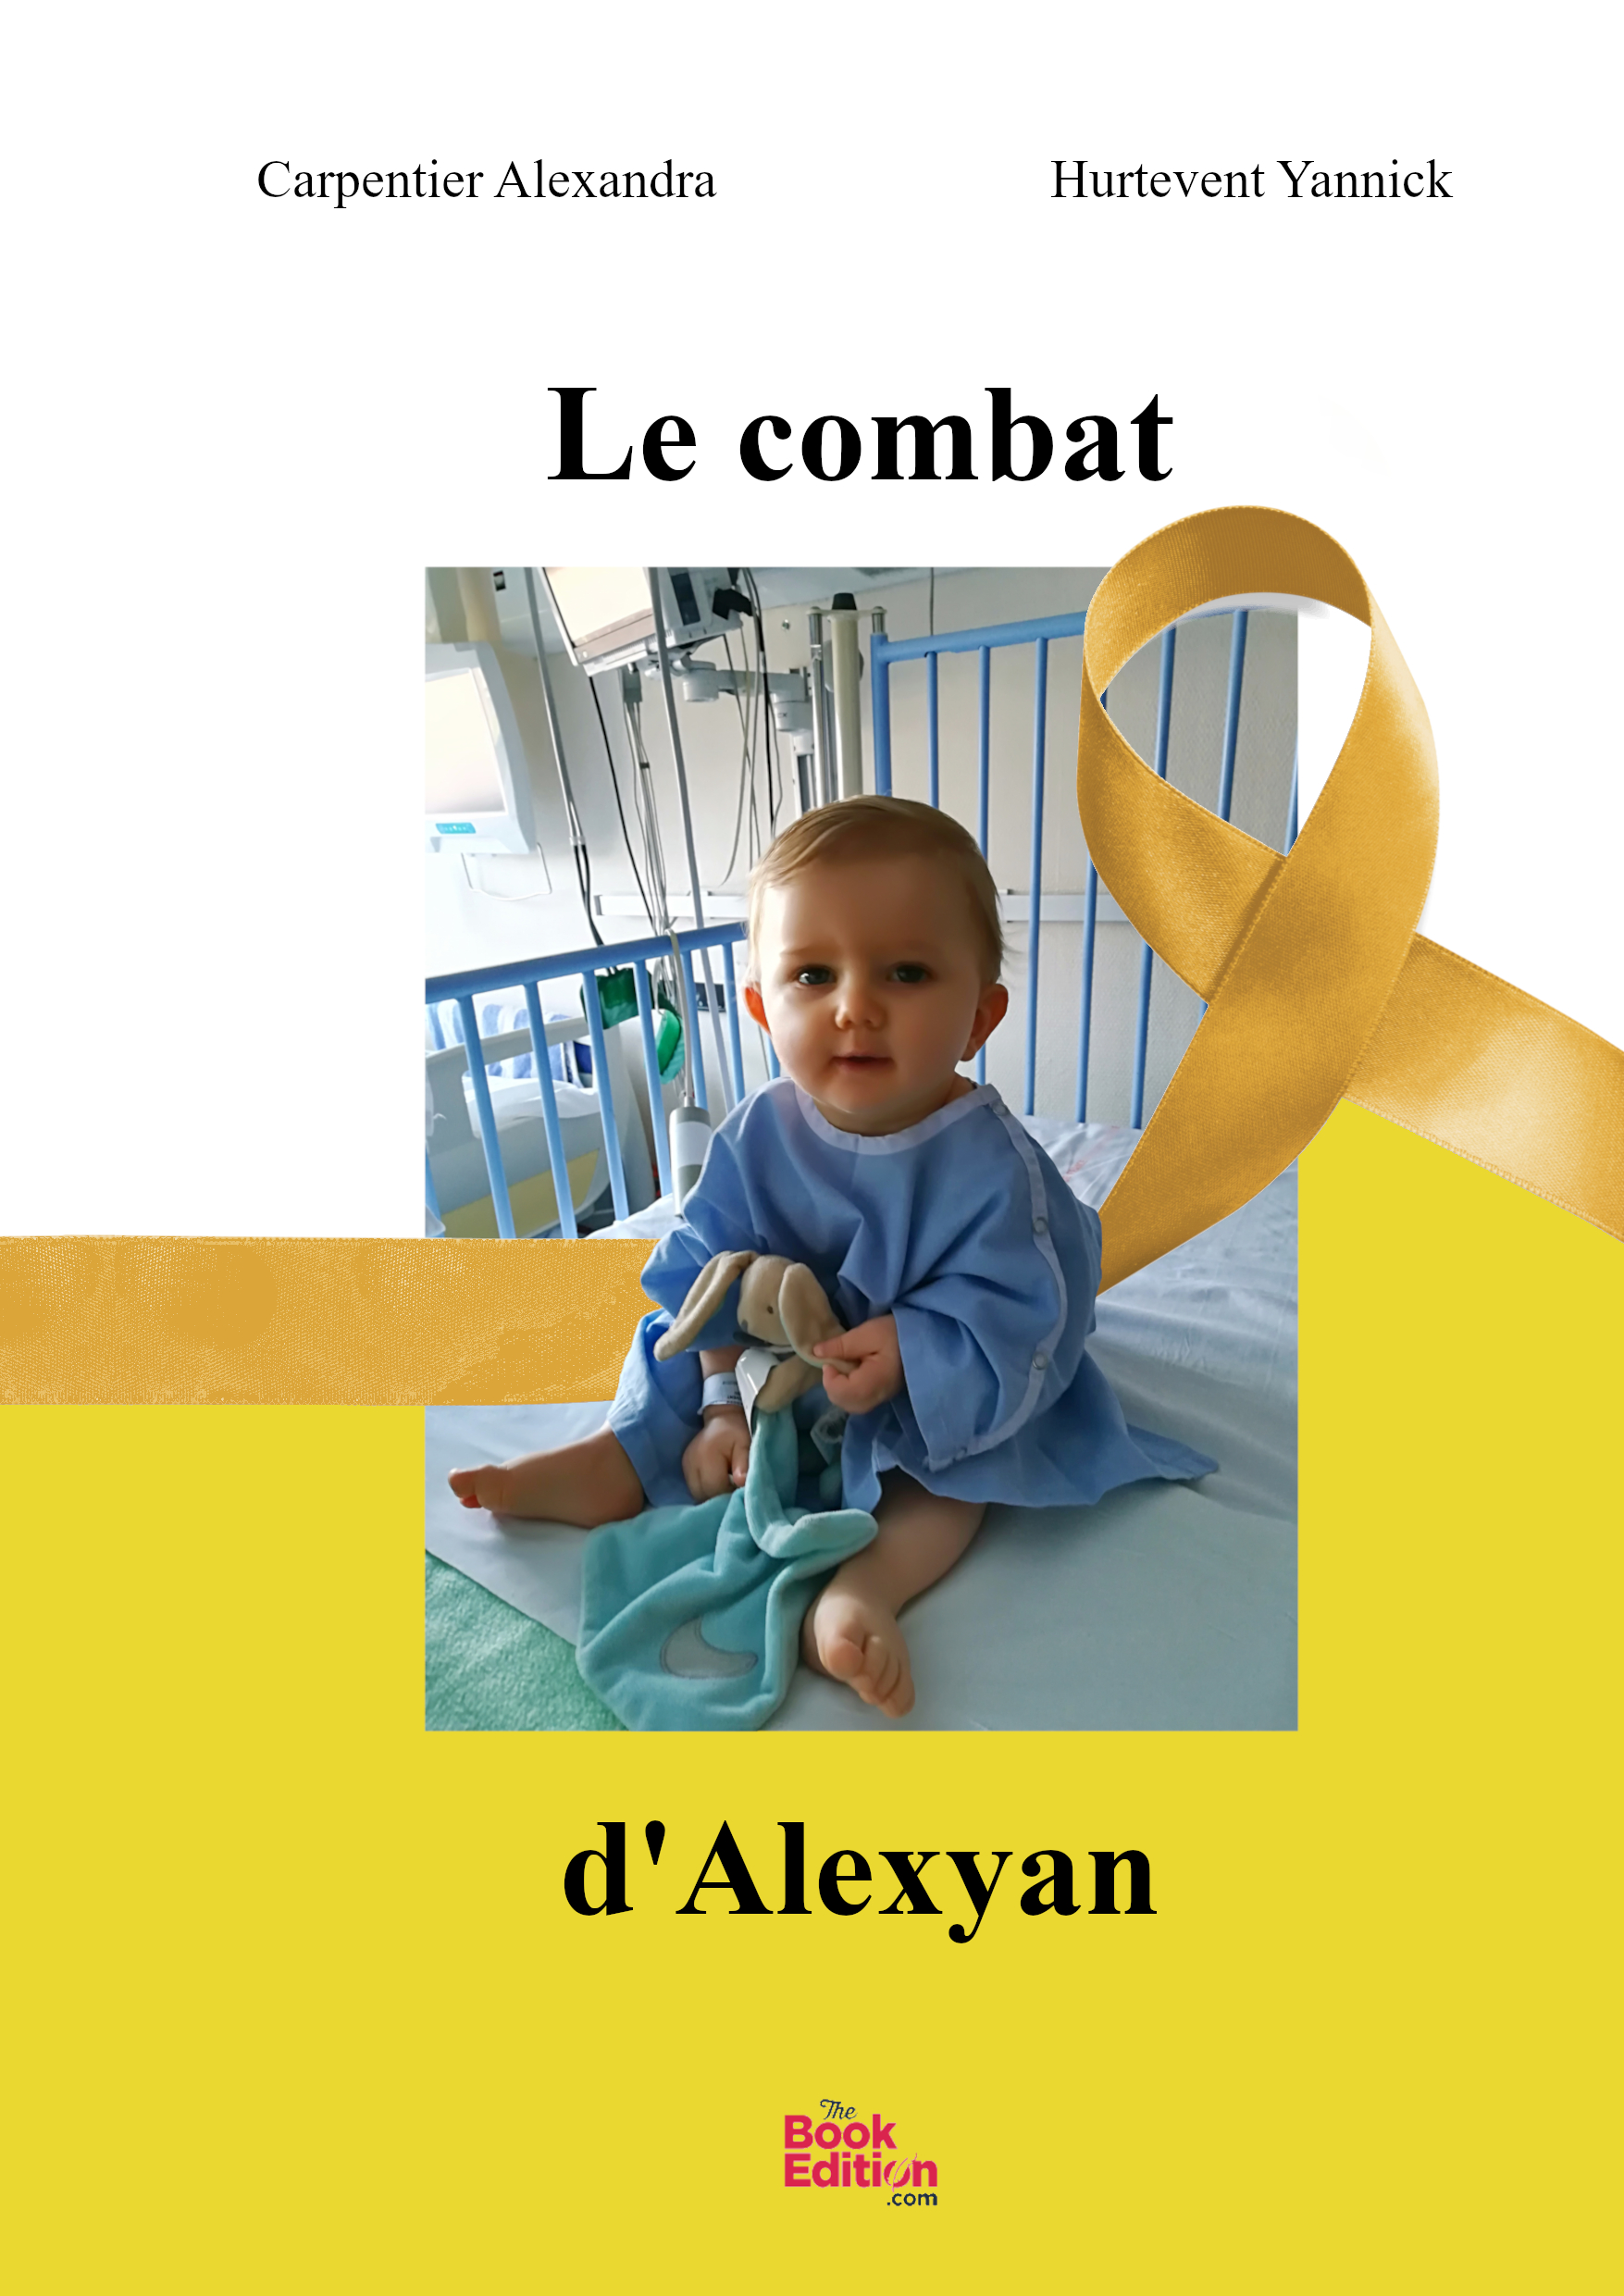 Le combat d'Alexyan